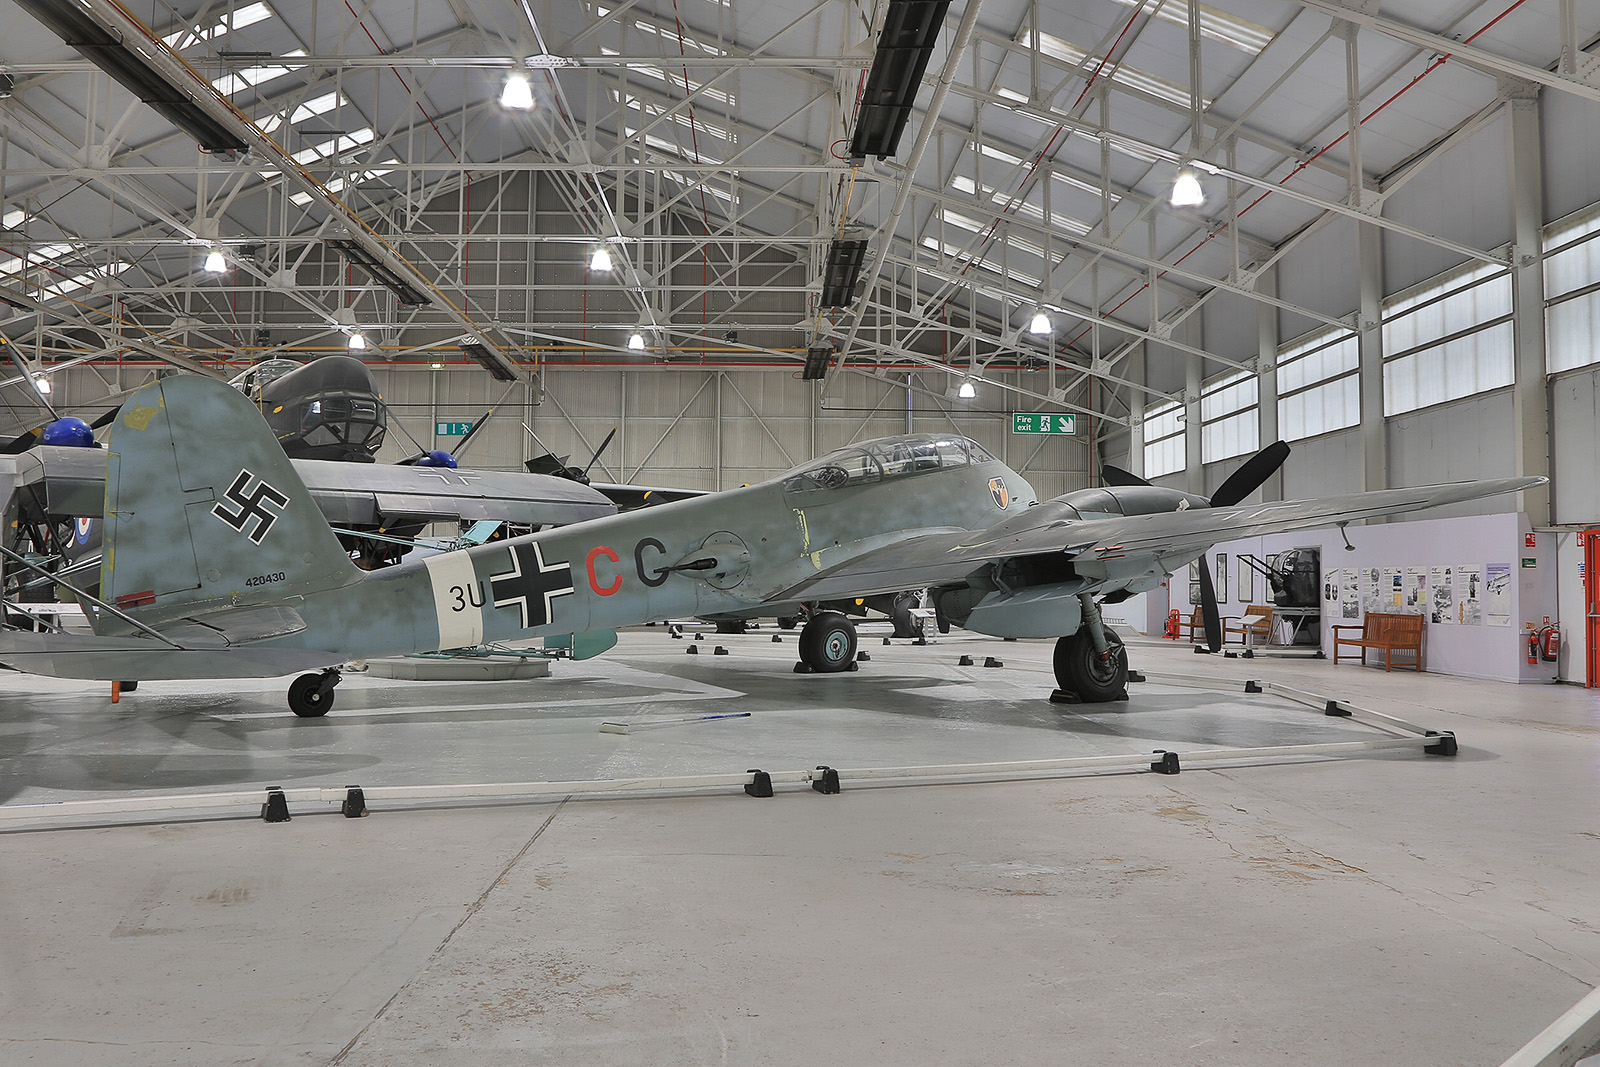 Das letzte erhaltene Exemplar der Messerschmitt Me-410.